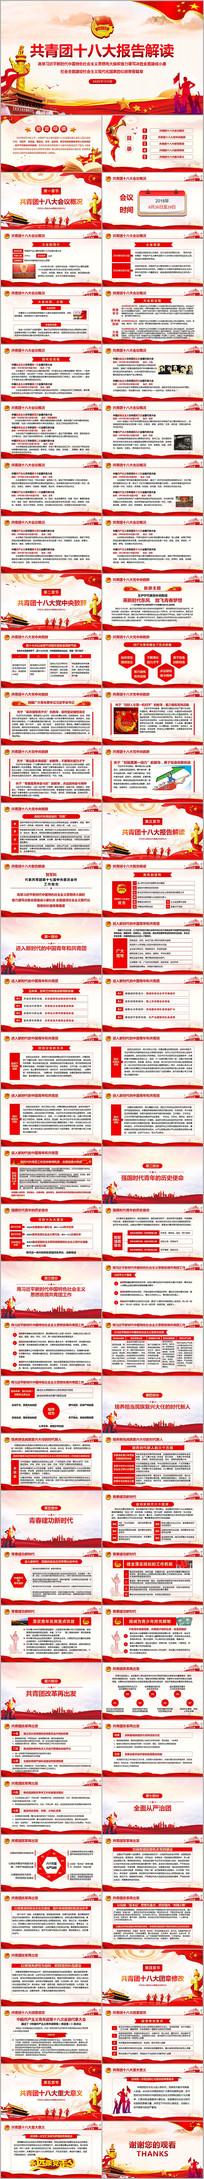 共青团十八大报告学习PPT